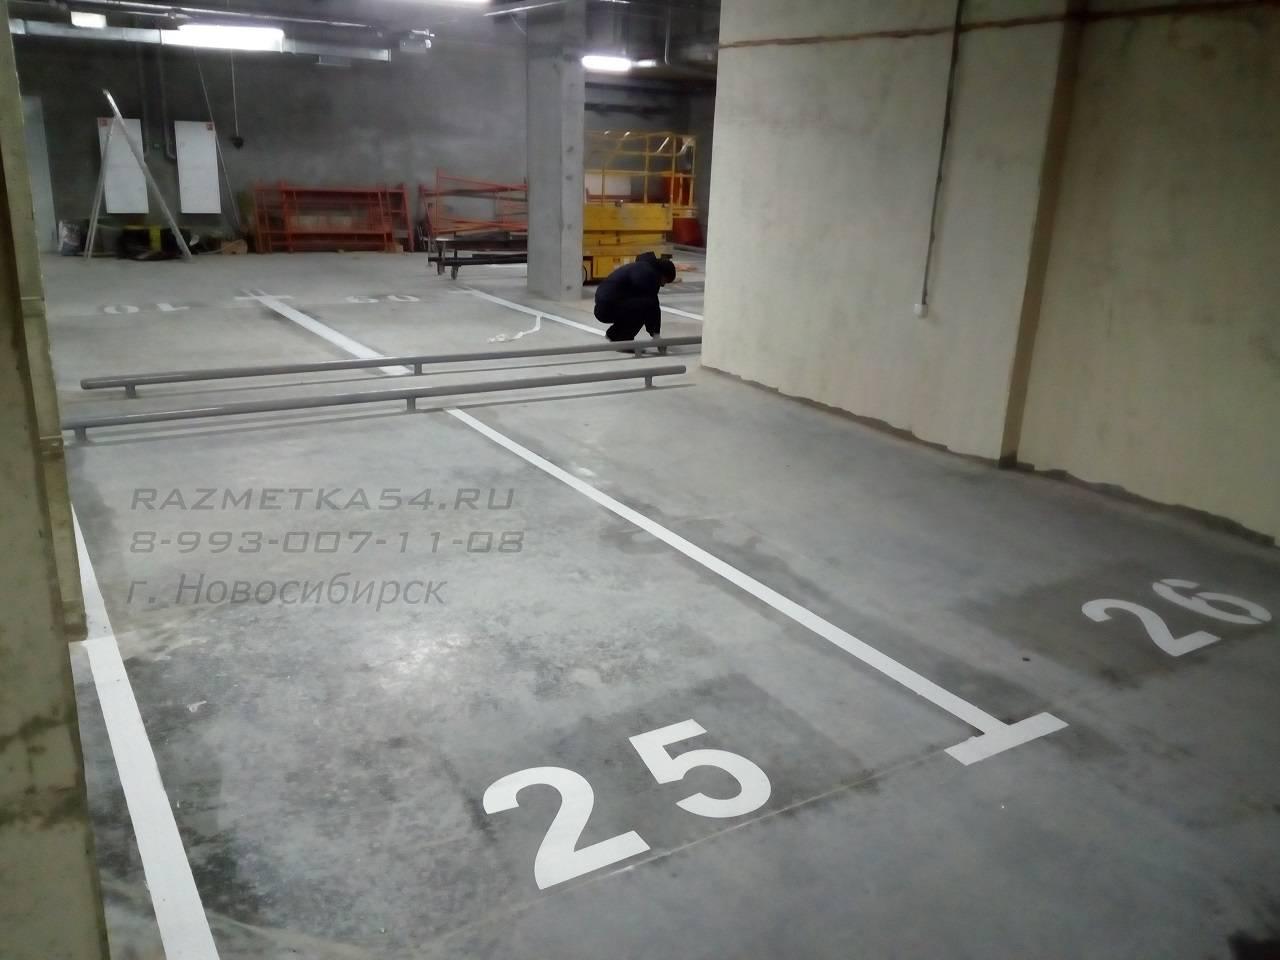 Что значит и как выглядит знак парковки «10 15 20»